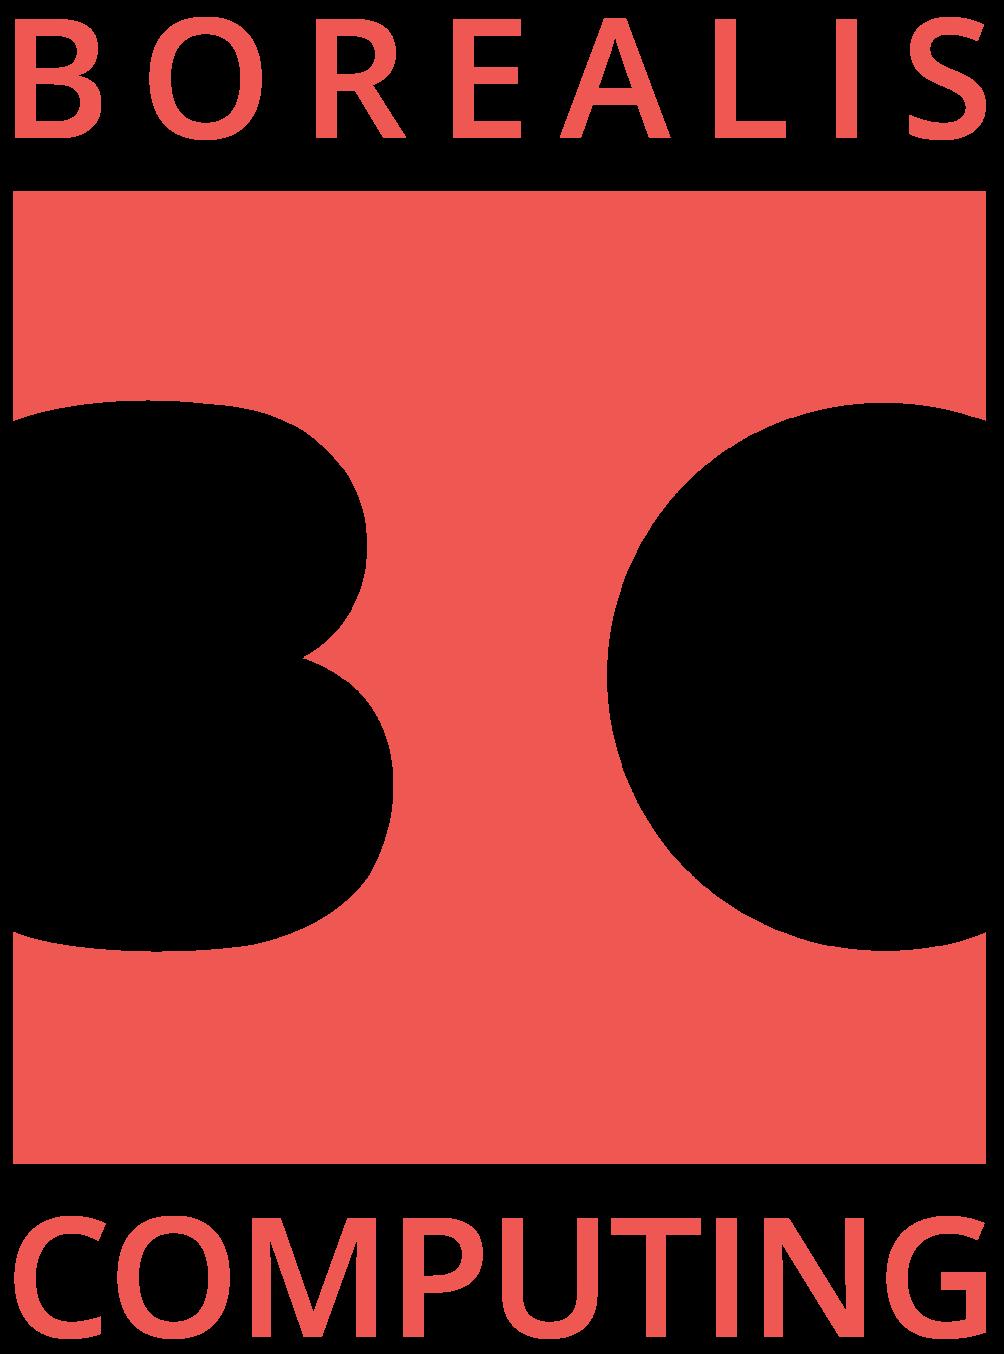 Borealis Computing